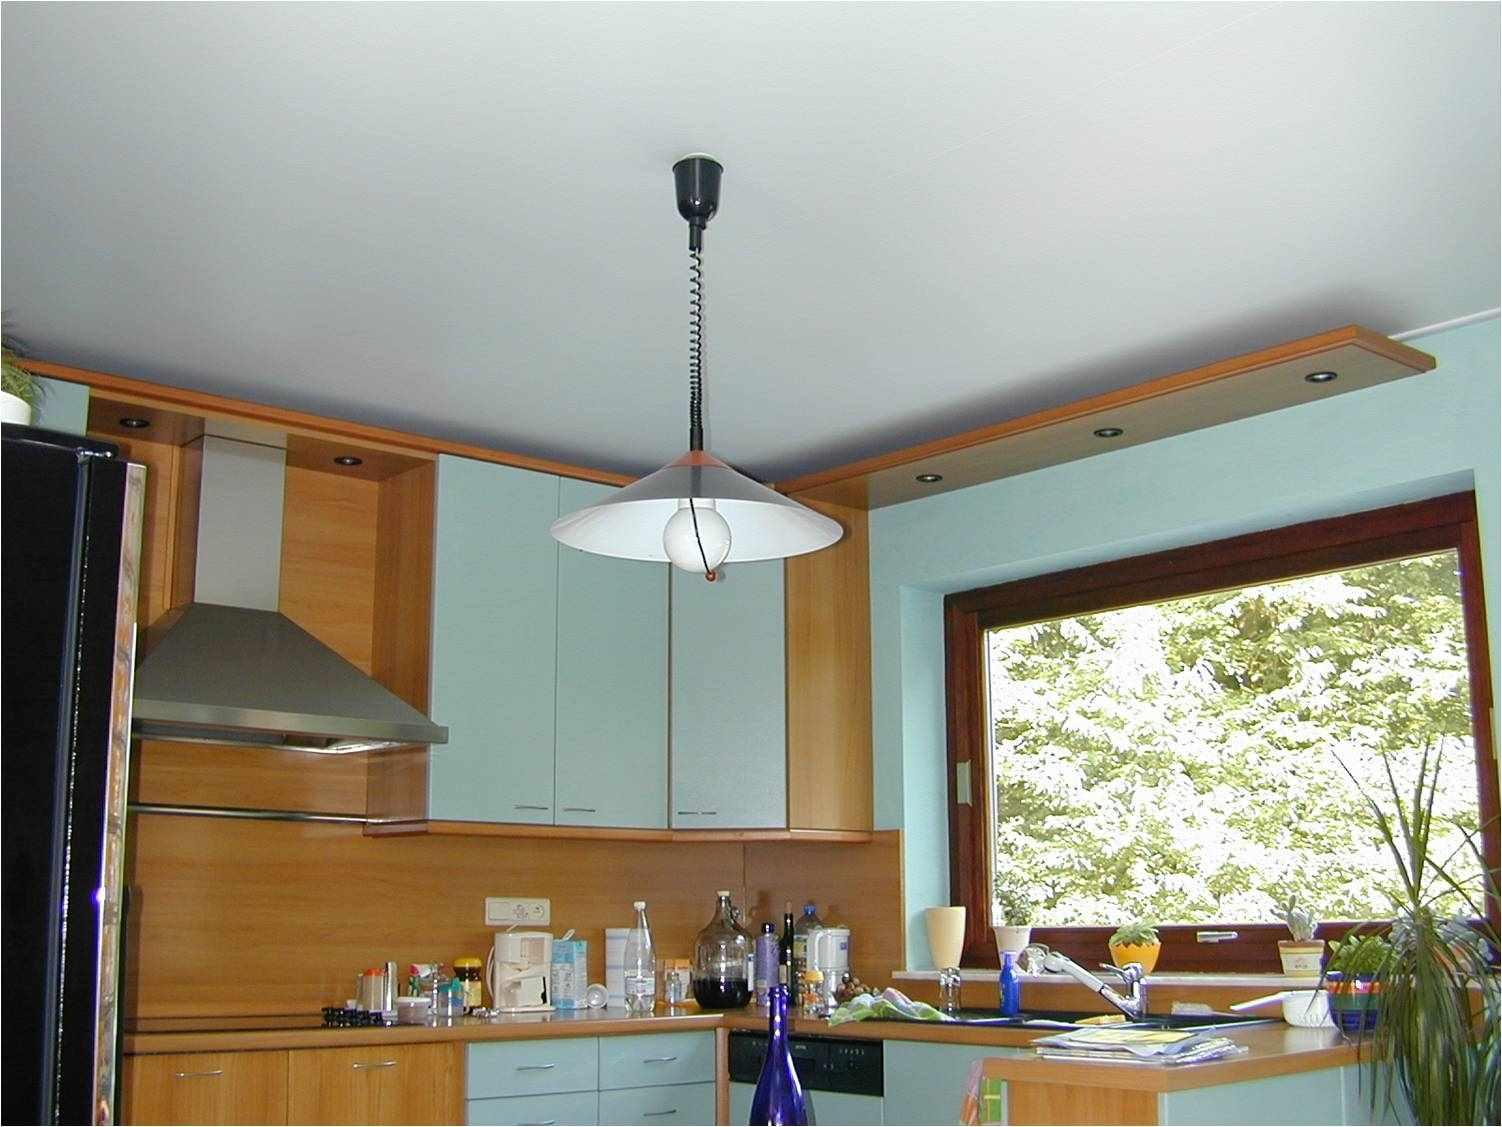 un exemple d'un intérieur inhabituel d'un plafond de cuisine